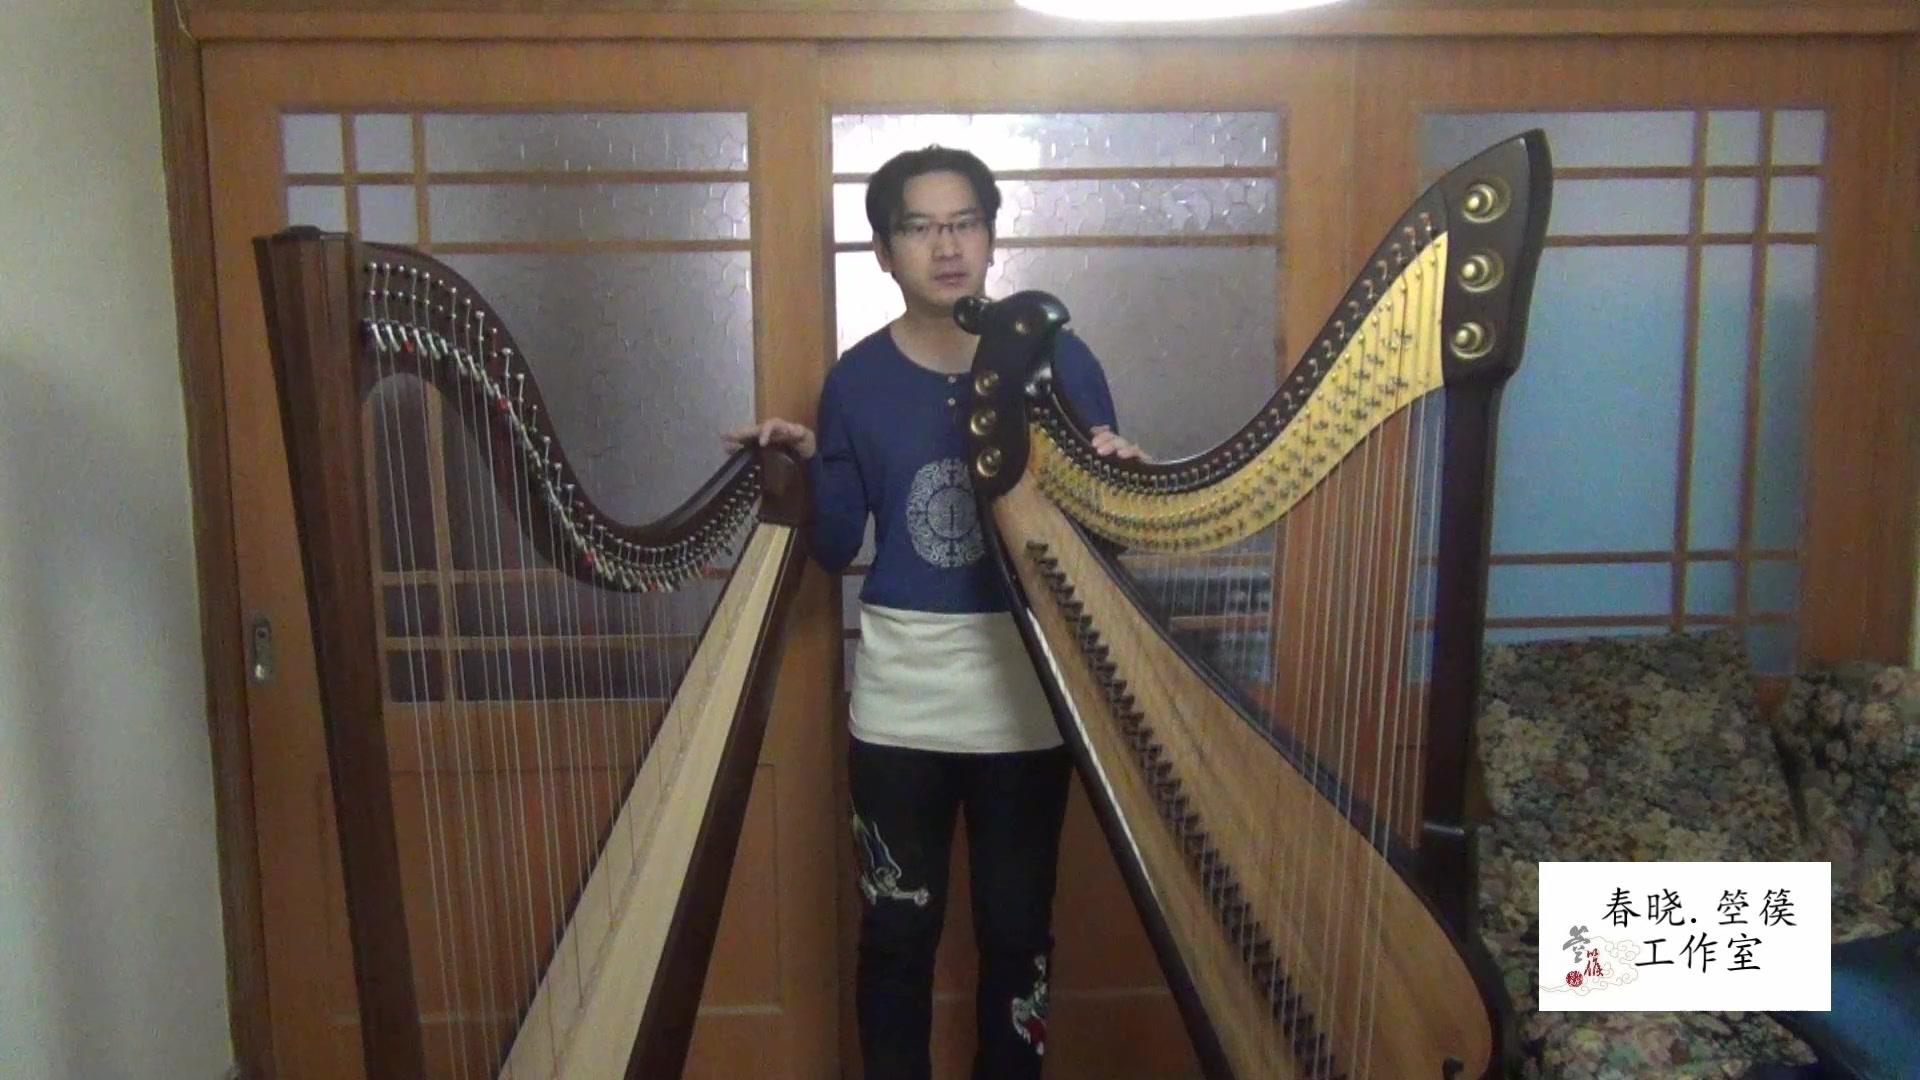 【春晓讲箜篌】第三课:箜篌与竖琴对比 「这里是箜篌不是竖琴哦(*/ω图片